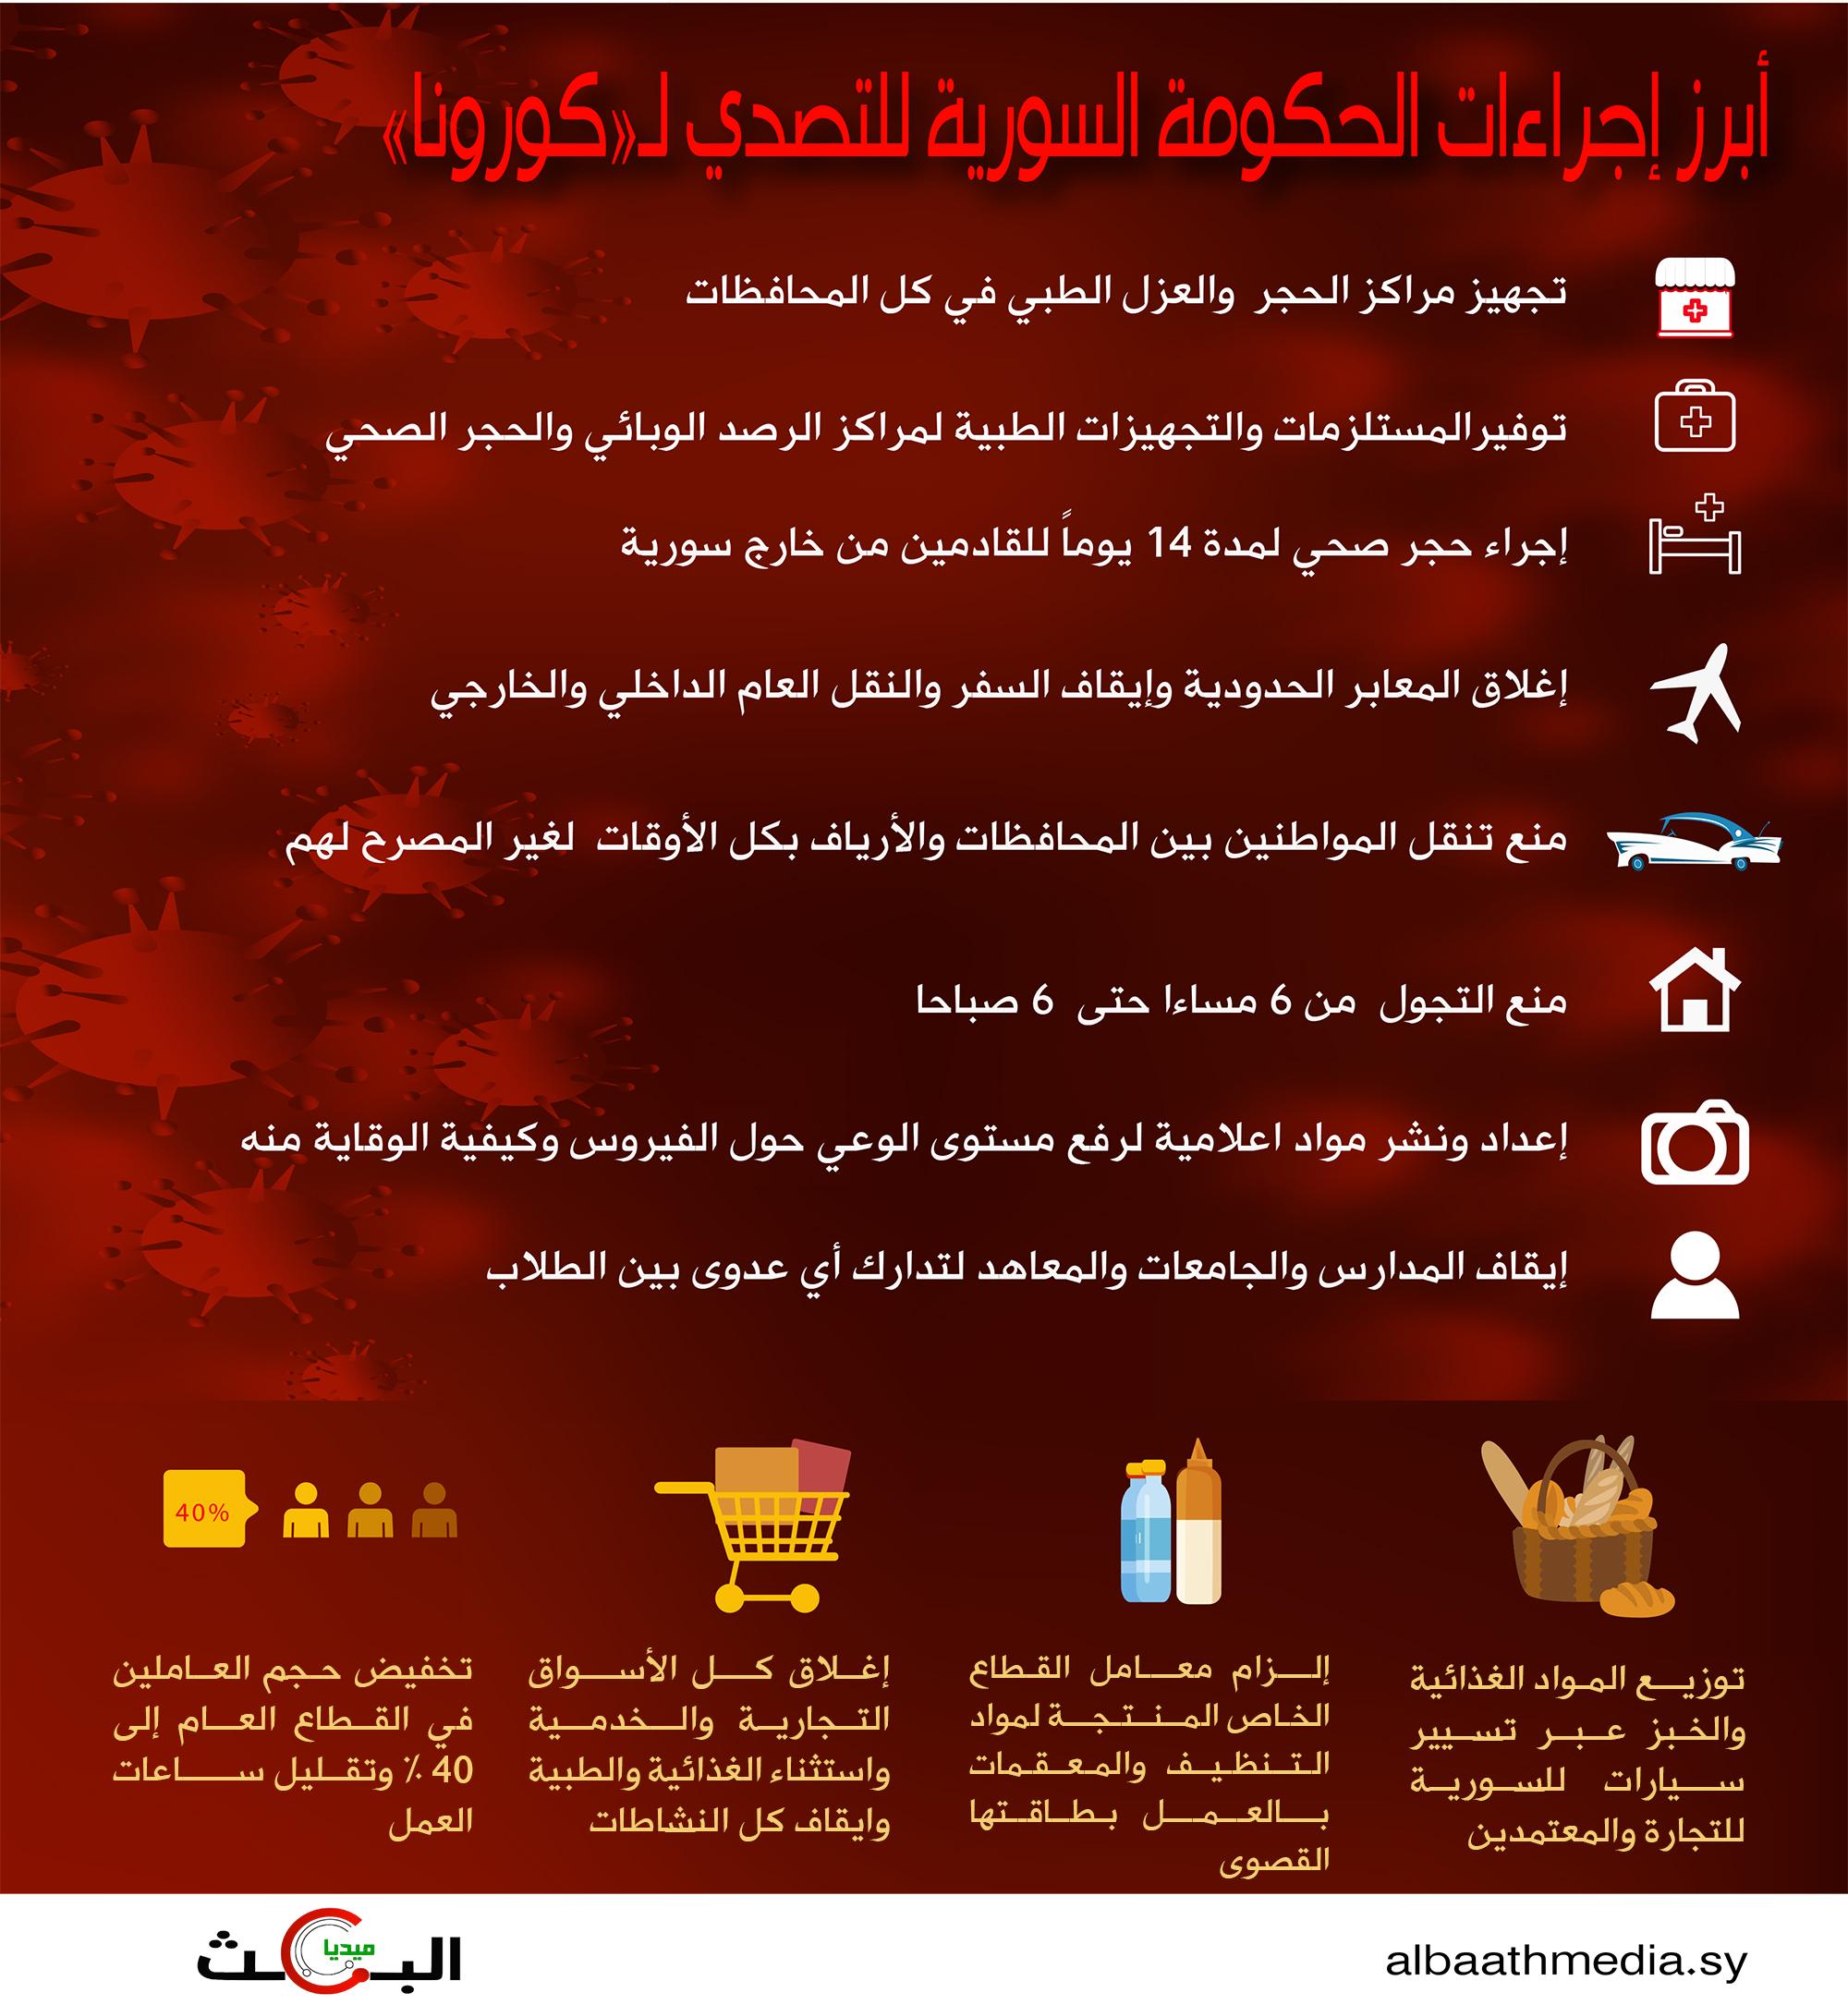 أبرز إجراءات الحكومة السورية للتصدي لكورونا